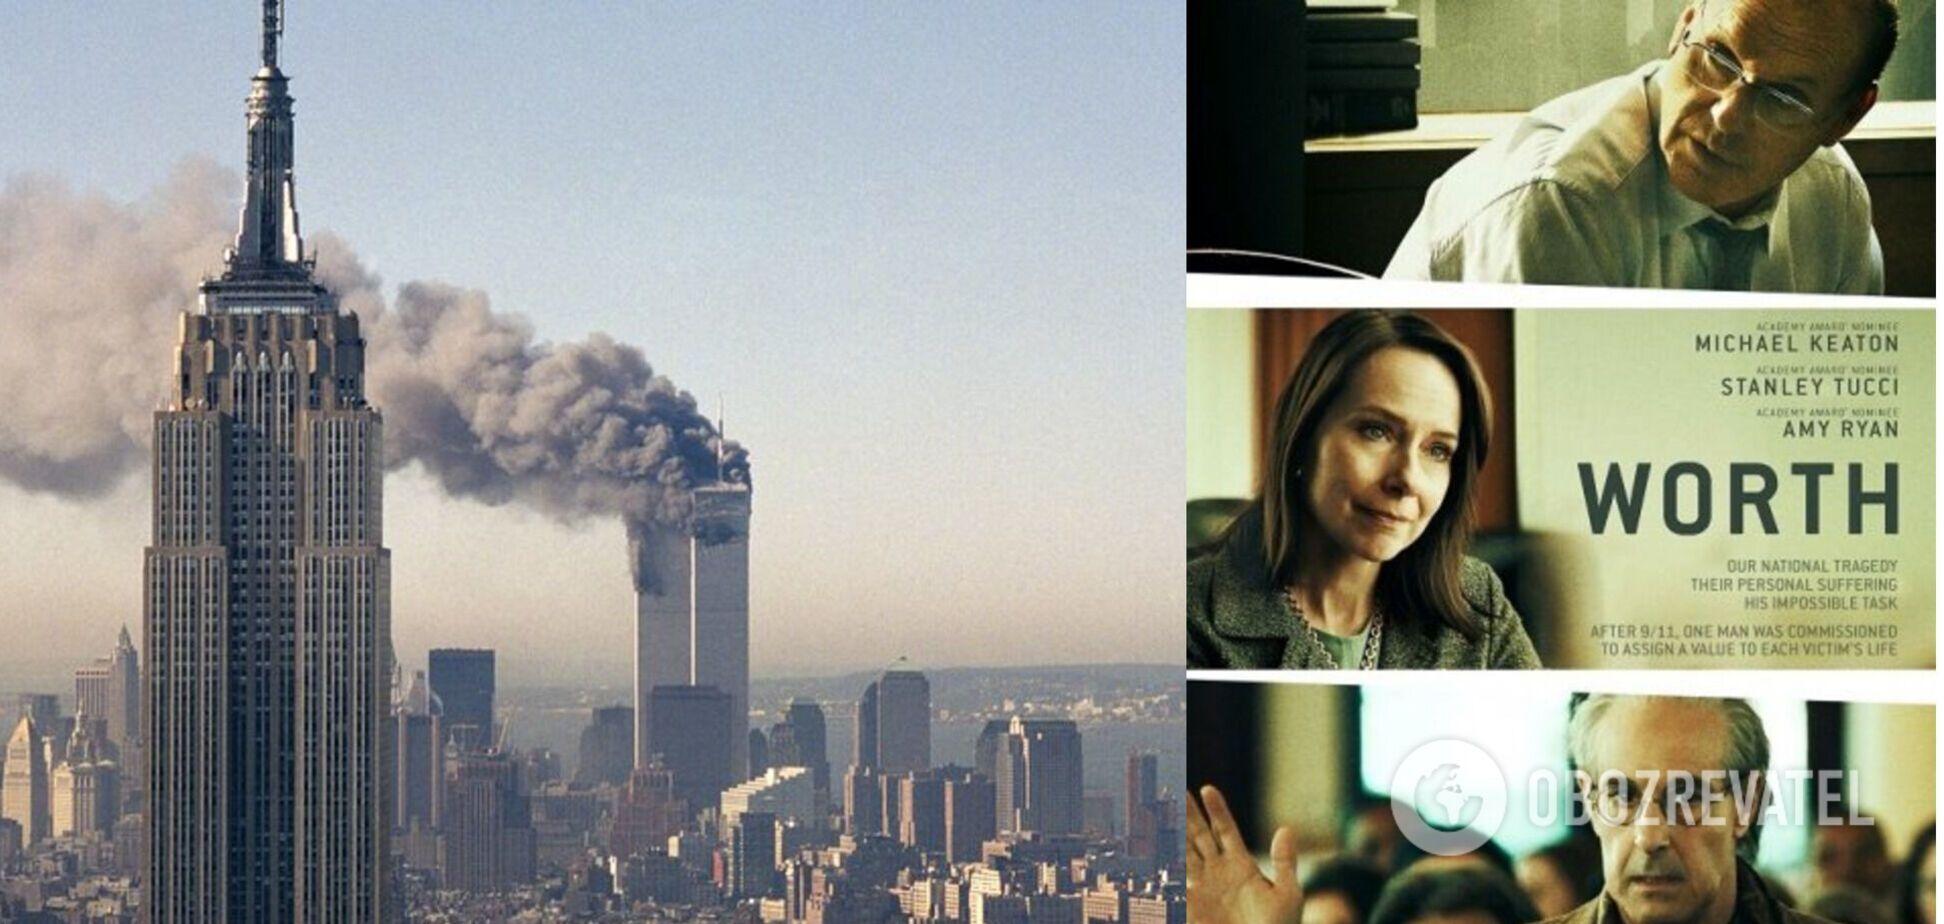 Netflix выпустил драму о терактах 9/11. Это тяжелый фильм, но его стоит посмотреть. Рецензия